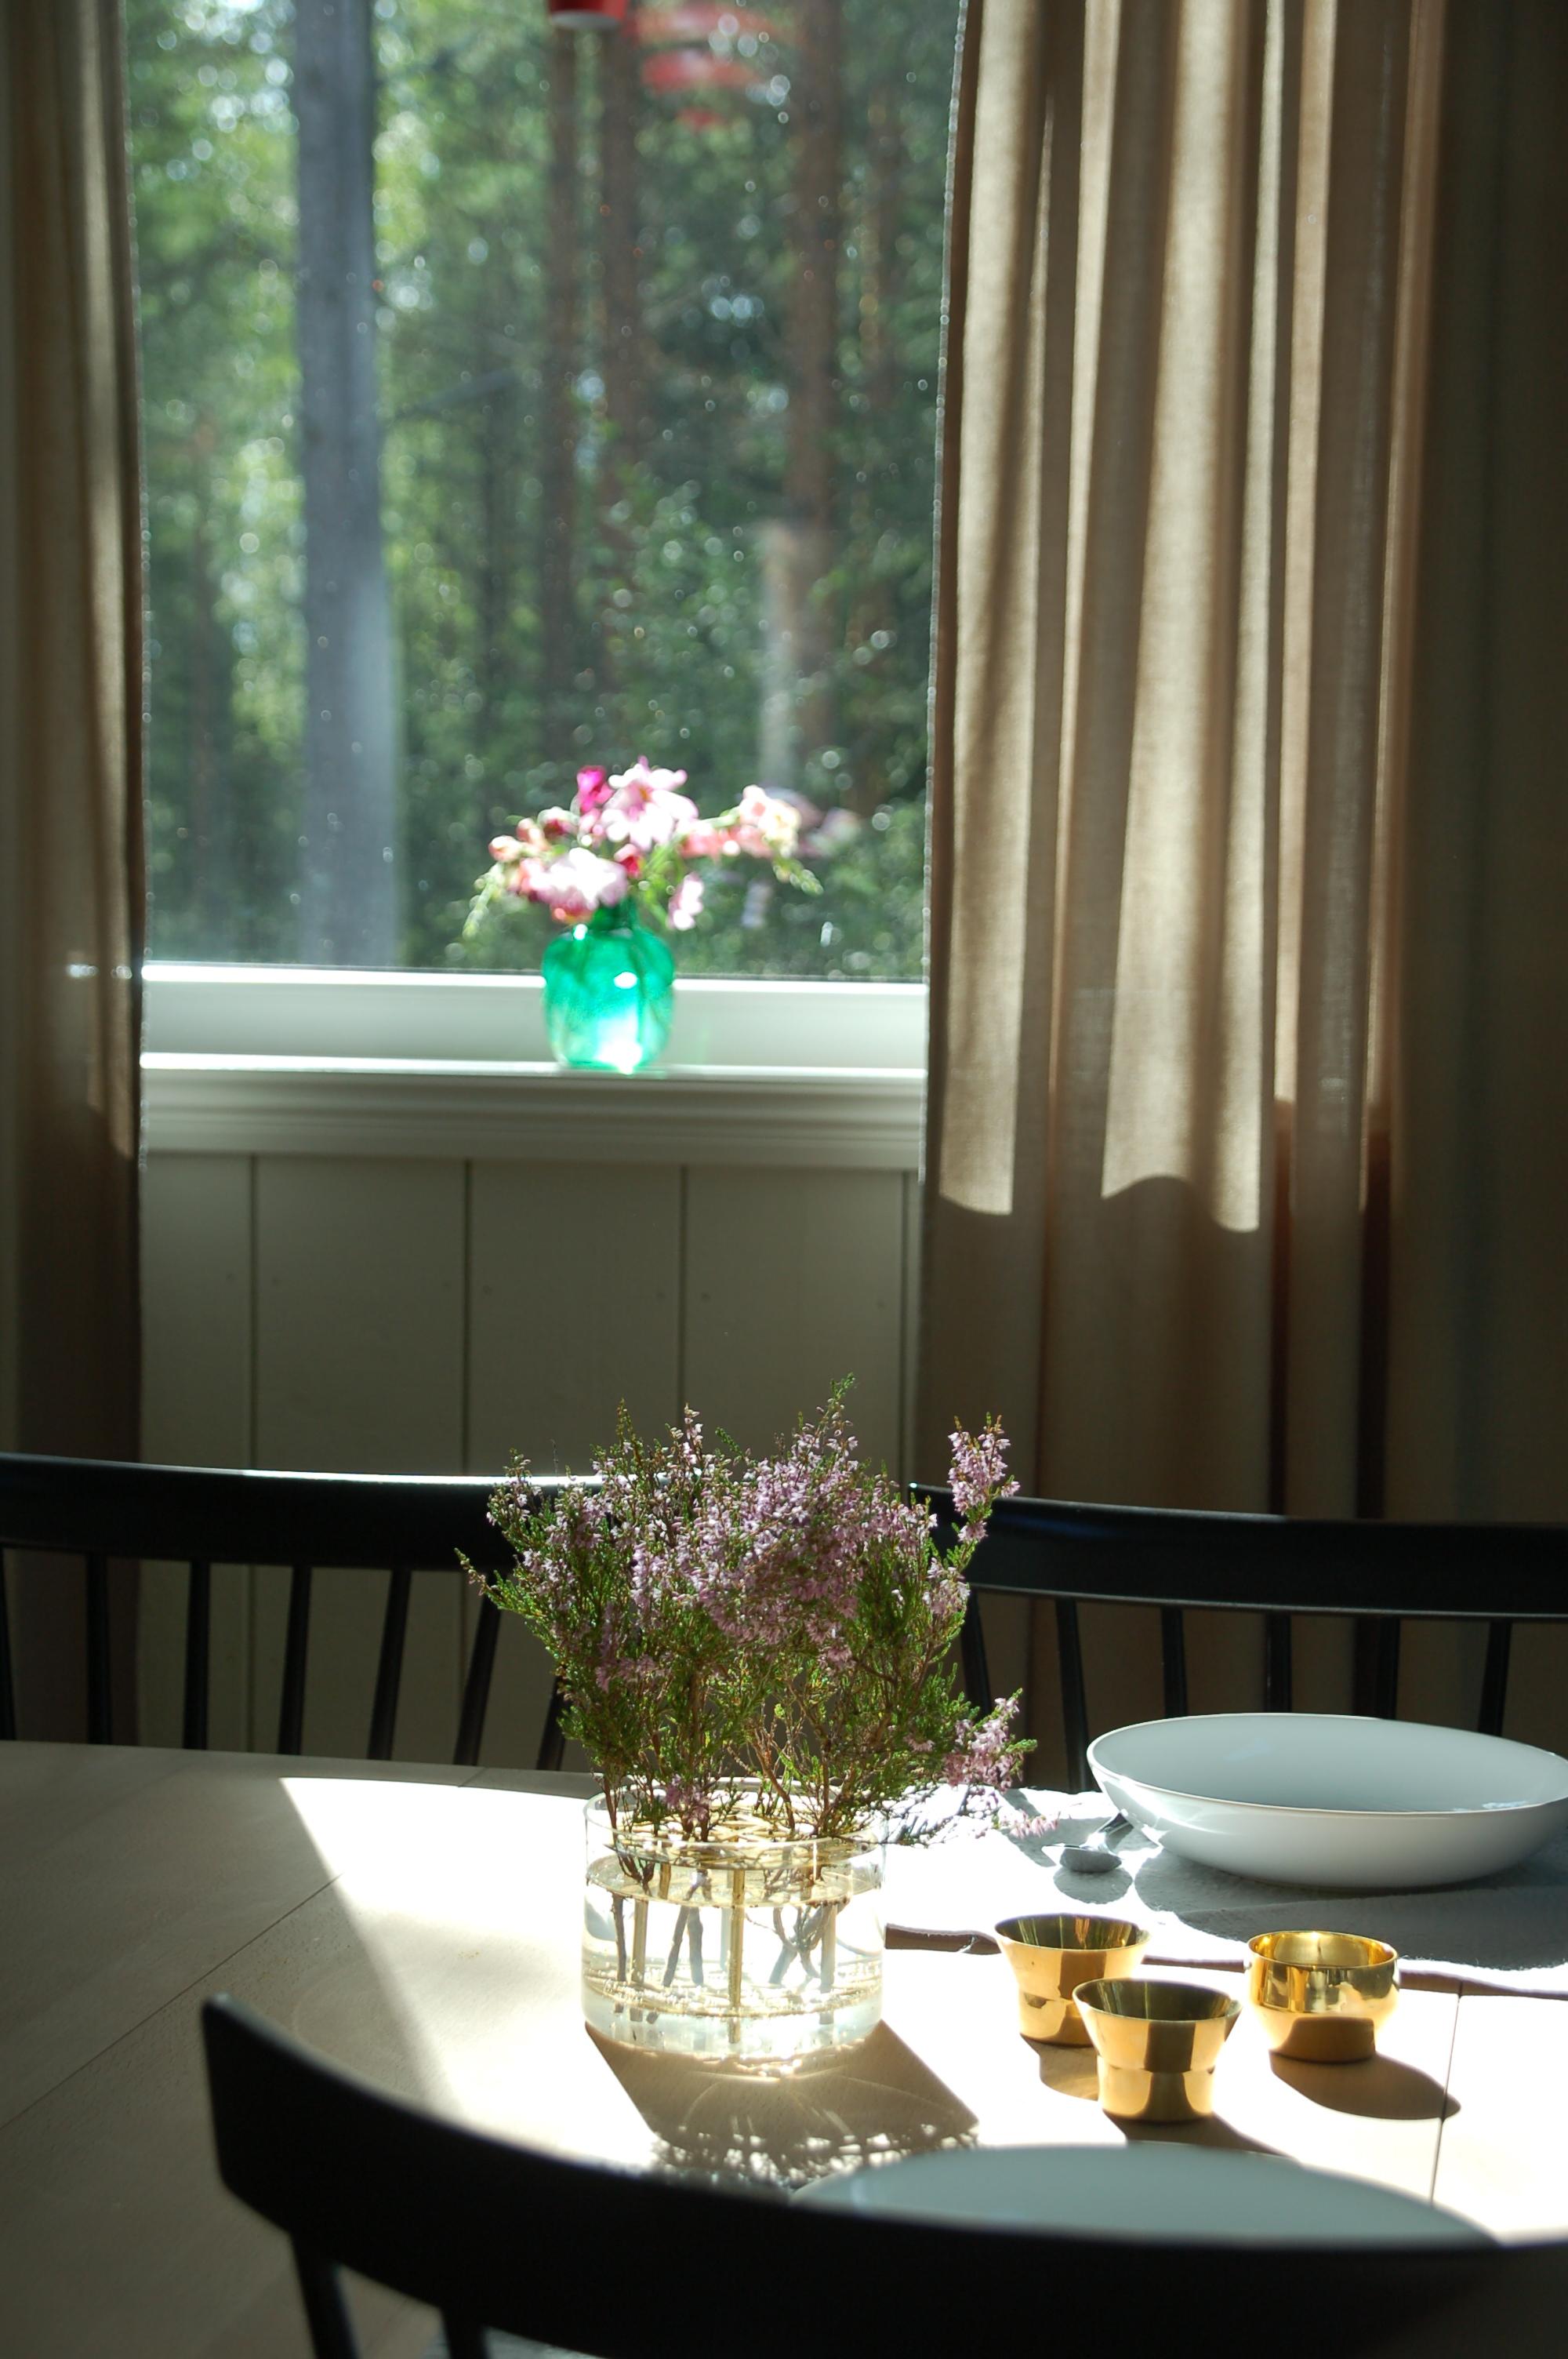 Breakfast in the cabin.